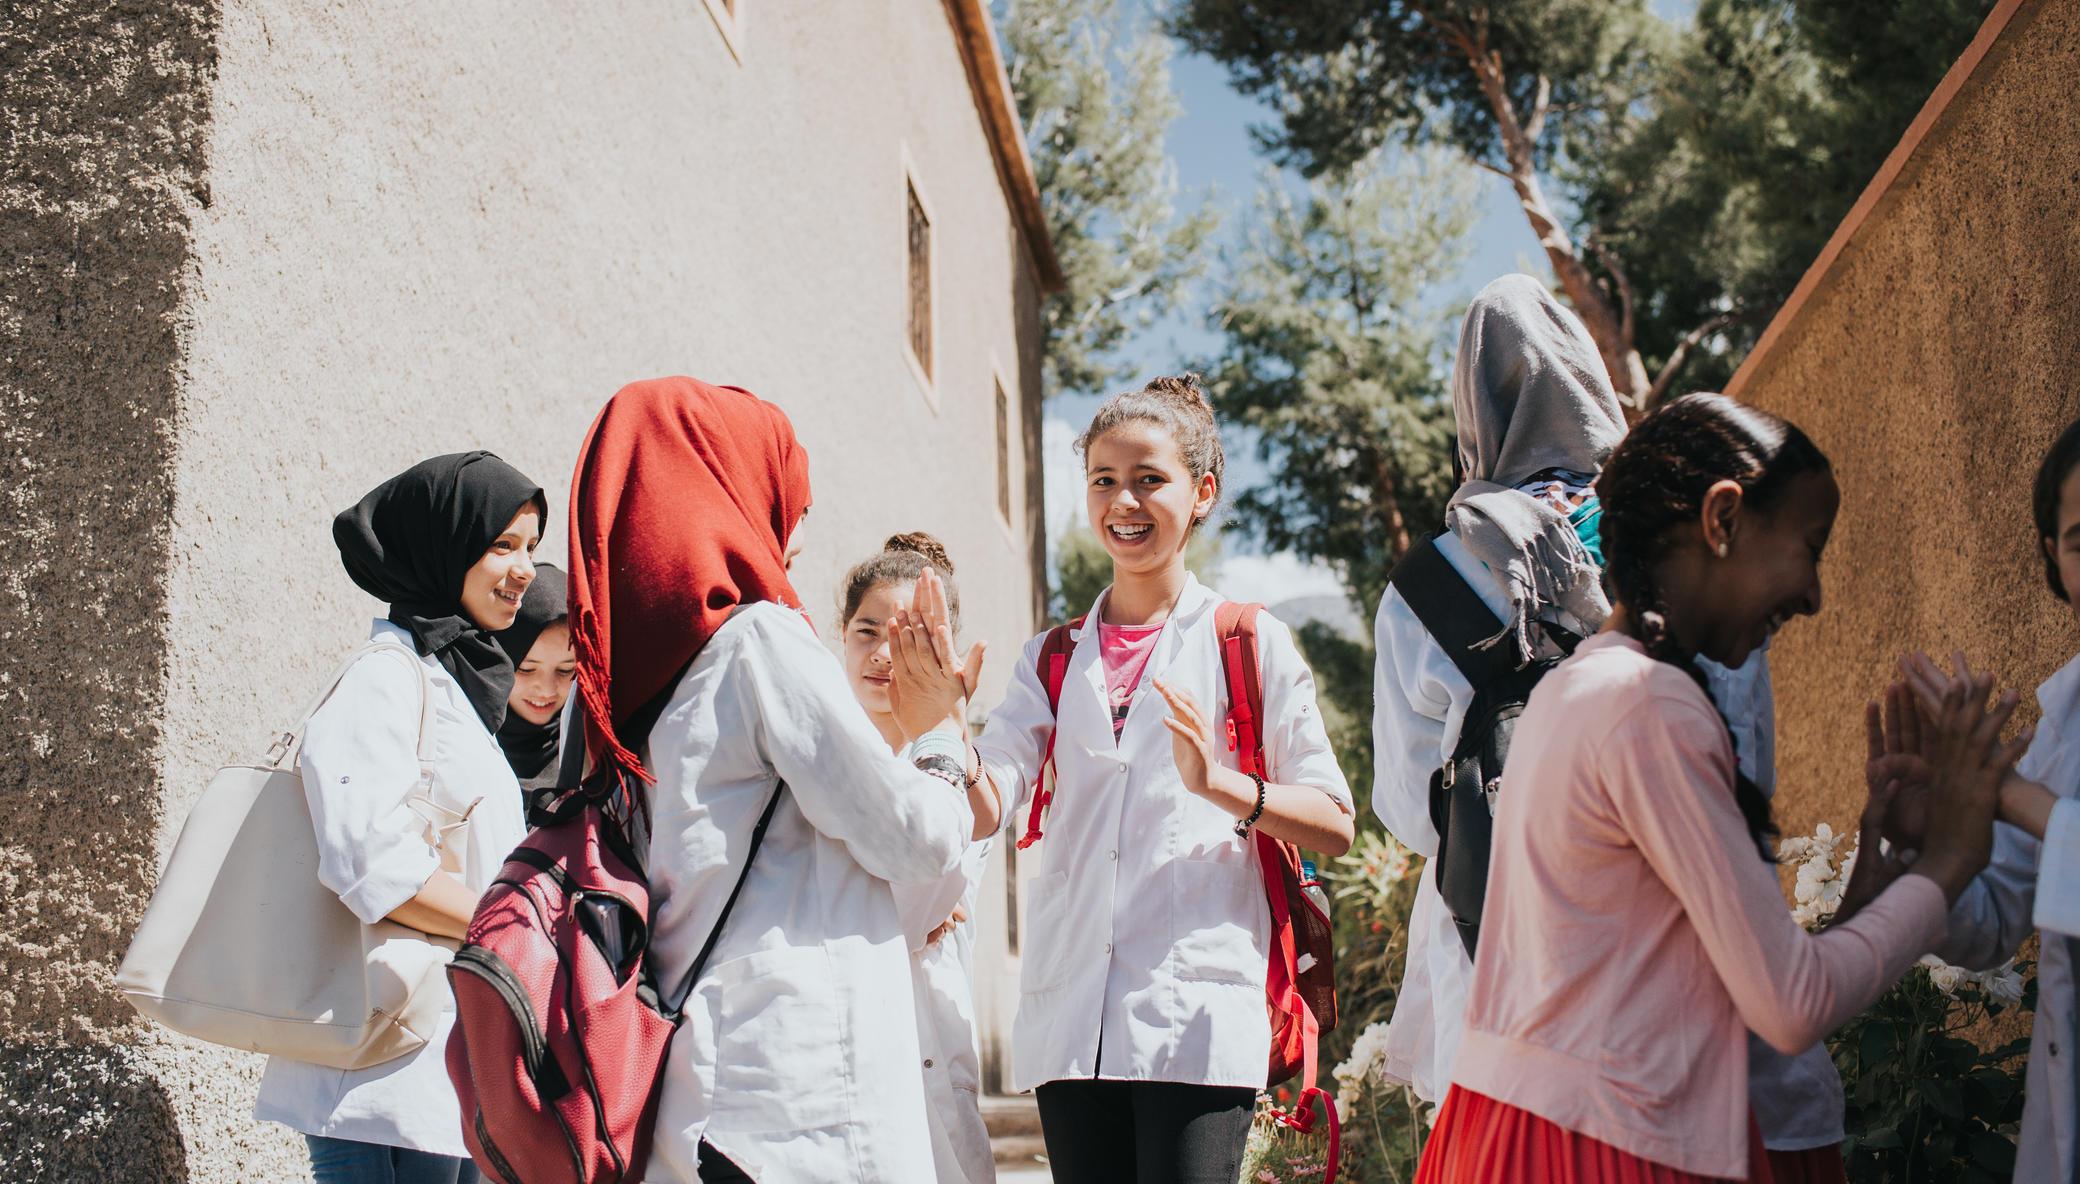 Sponsor A Girl's Education in Rural Morocco